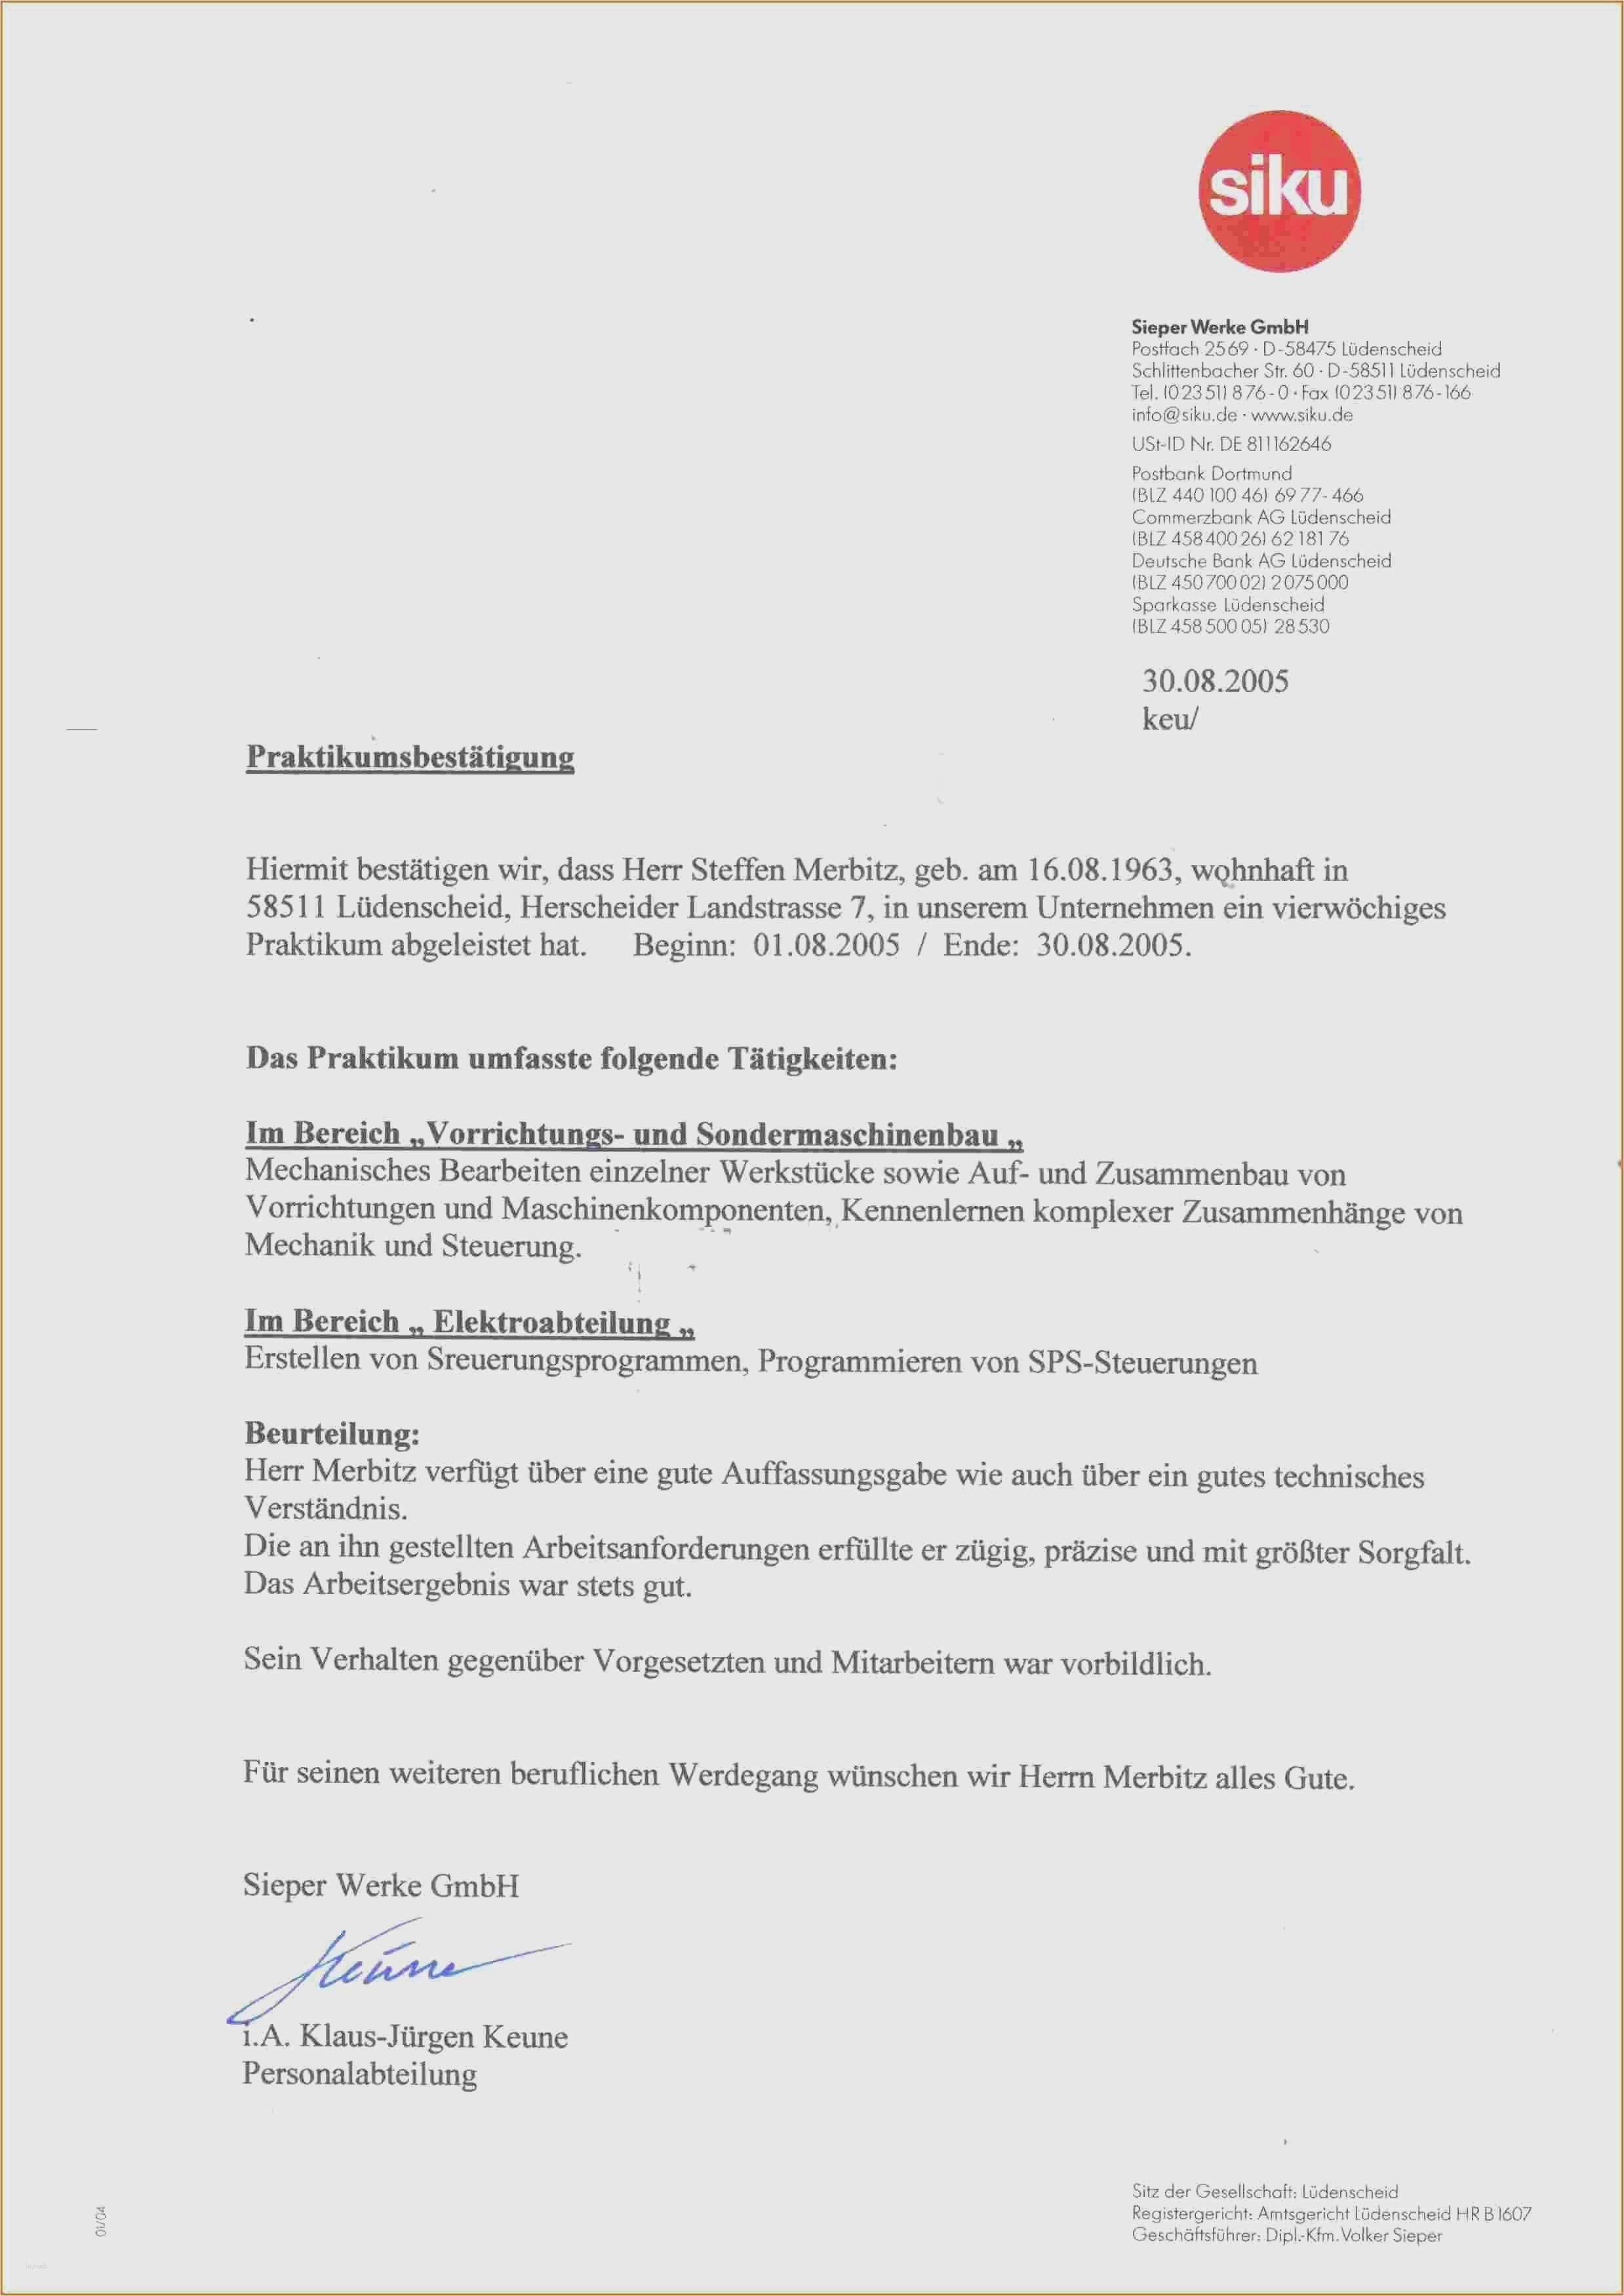 32 Grossartig Bewerbung Praktikum Vorlage Word Galerie In 2020 Vorlagen Word Vorlagen Bewerbung